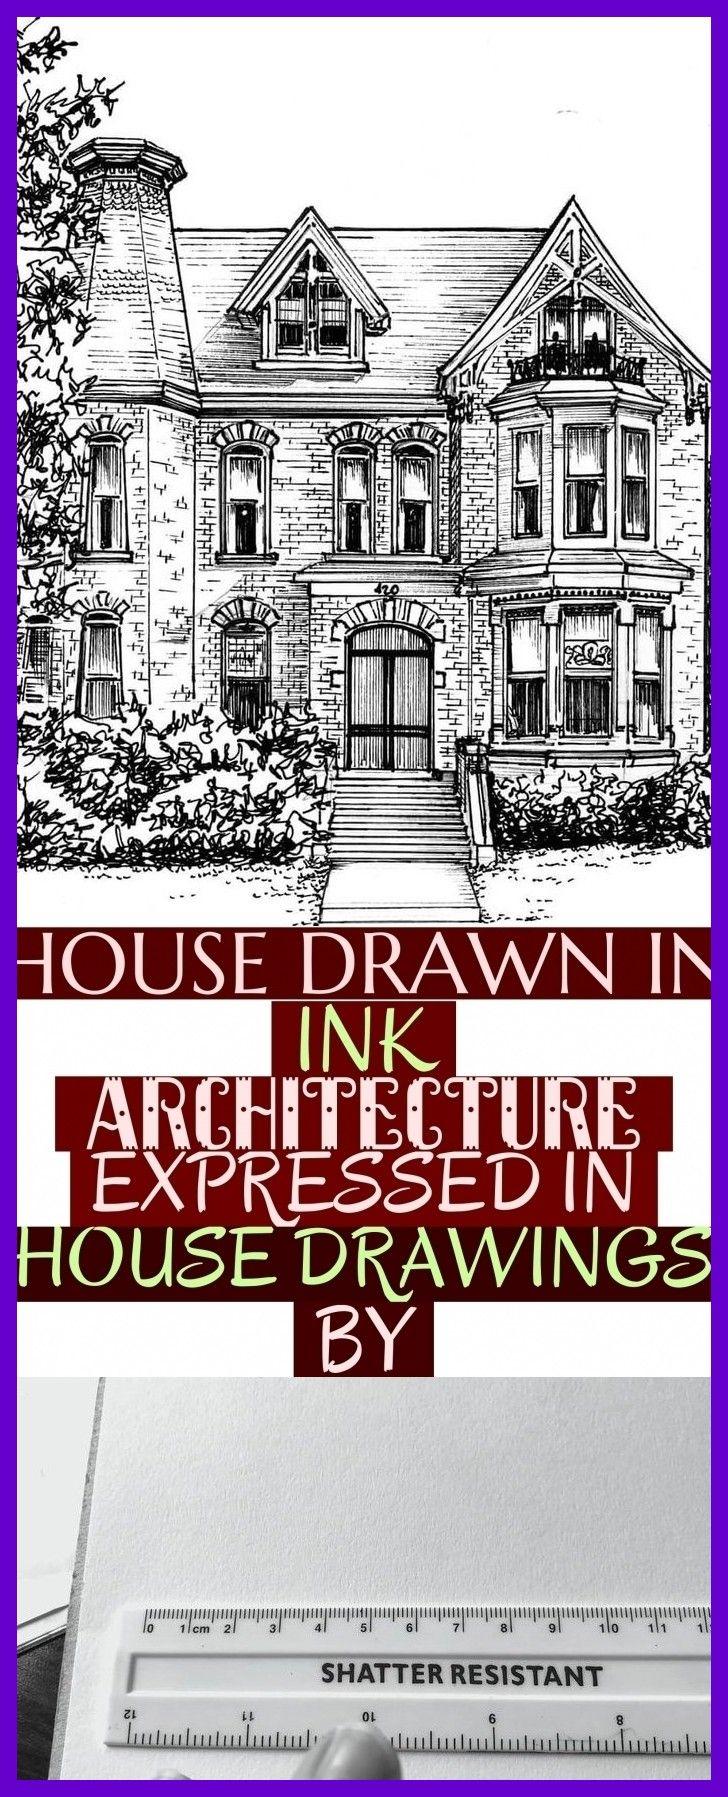 Haus Gezeichnet In Tinten Architektur Ausgedruckt In Den Haus Zeichnungen Vorbei Drawingsarchitecture House Dra Haus Zeichnung Hauser Zeichnen Zeichnungen